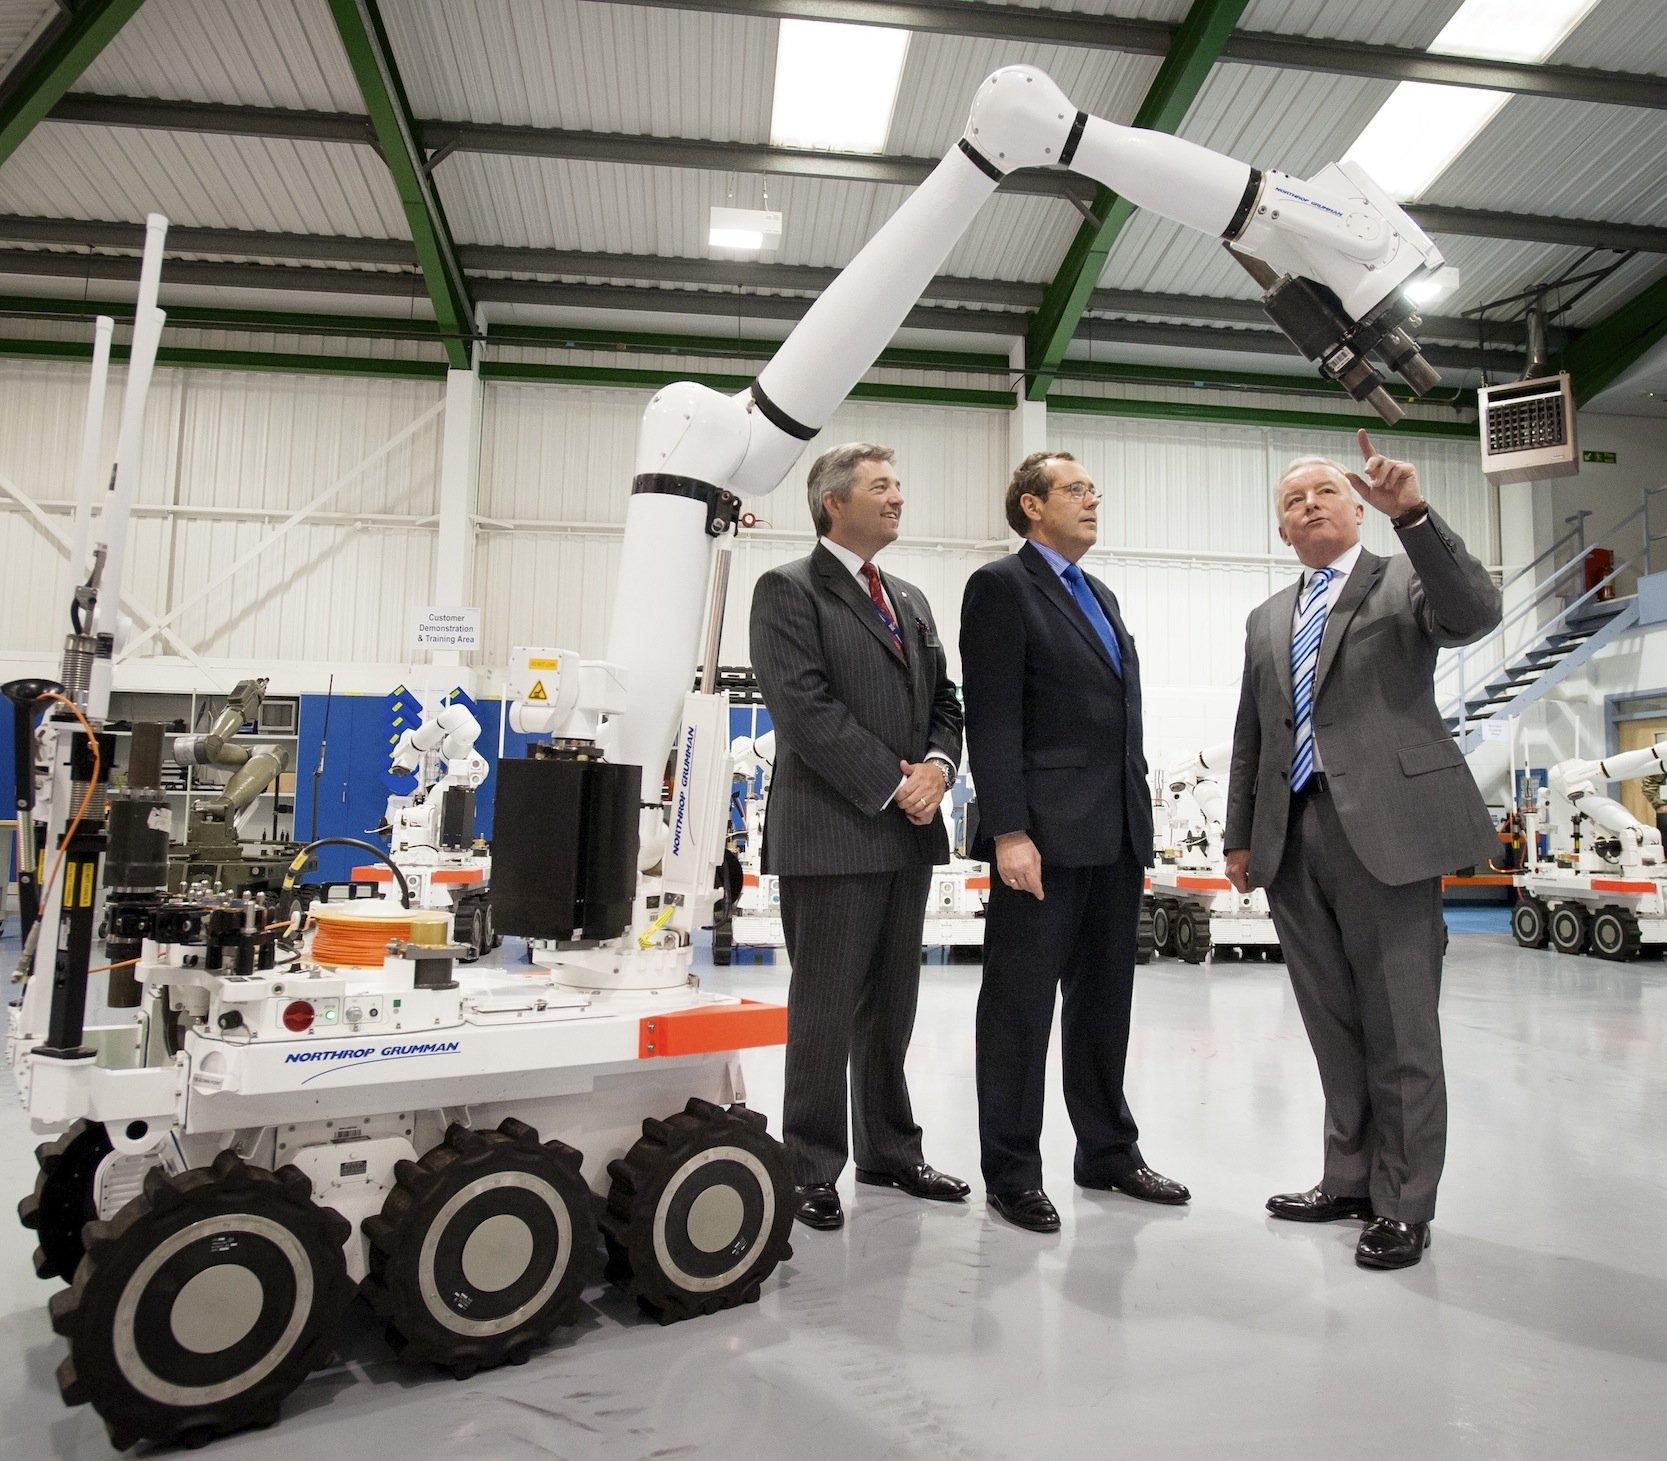 Peter Luff (m.) , früherer britischer Minister und zuständig für Militärtechnik, besichtigte im August 2012 das Roboter-Werk des amerikanischischen Wehrtechnikkonzerns Northrop Grumman Remotec in Coventry: Ein ähnlicher Roboter hat jetzt den Attentäter von Dallas getötet.